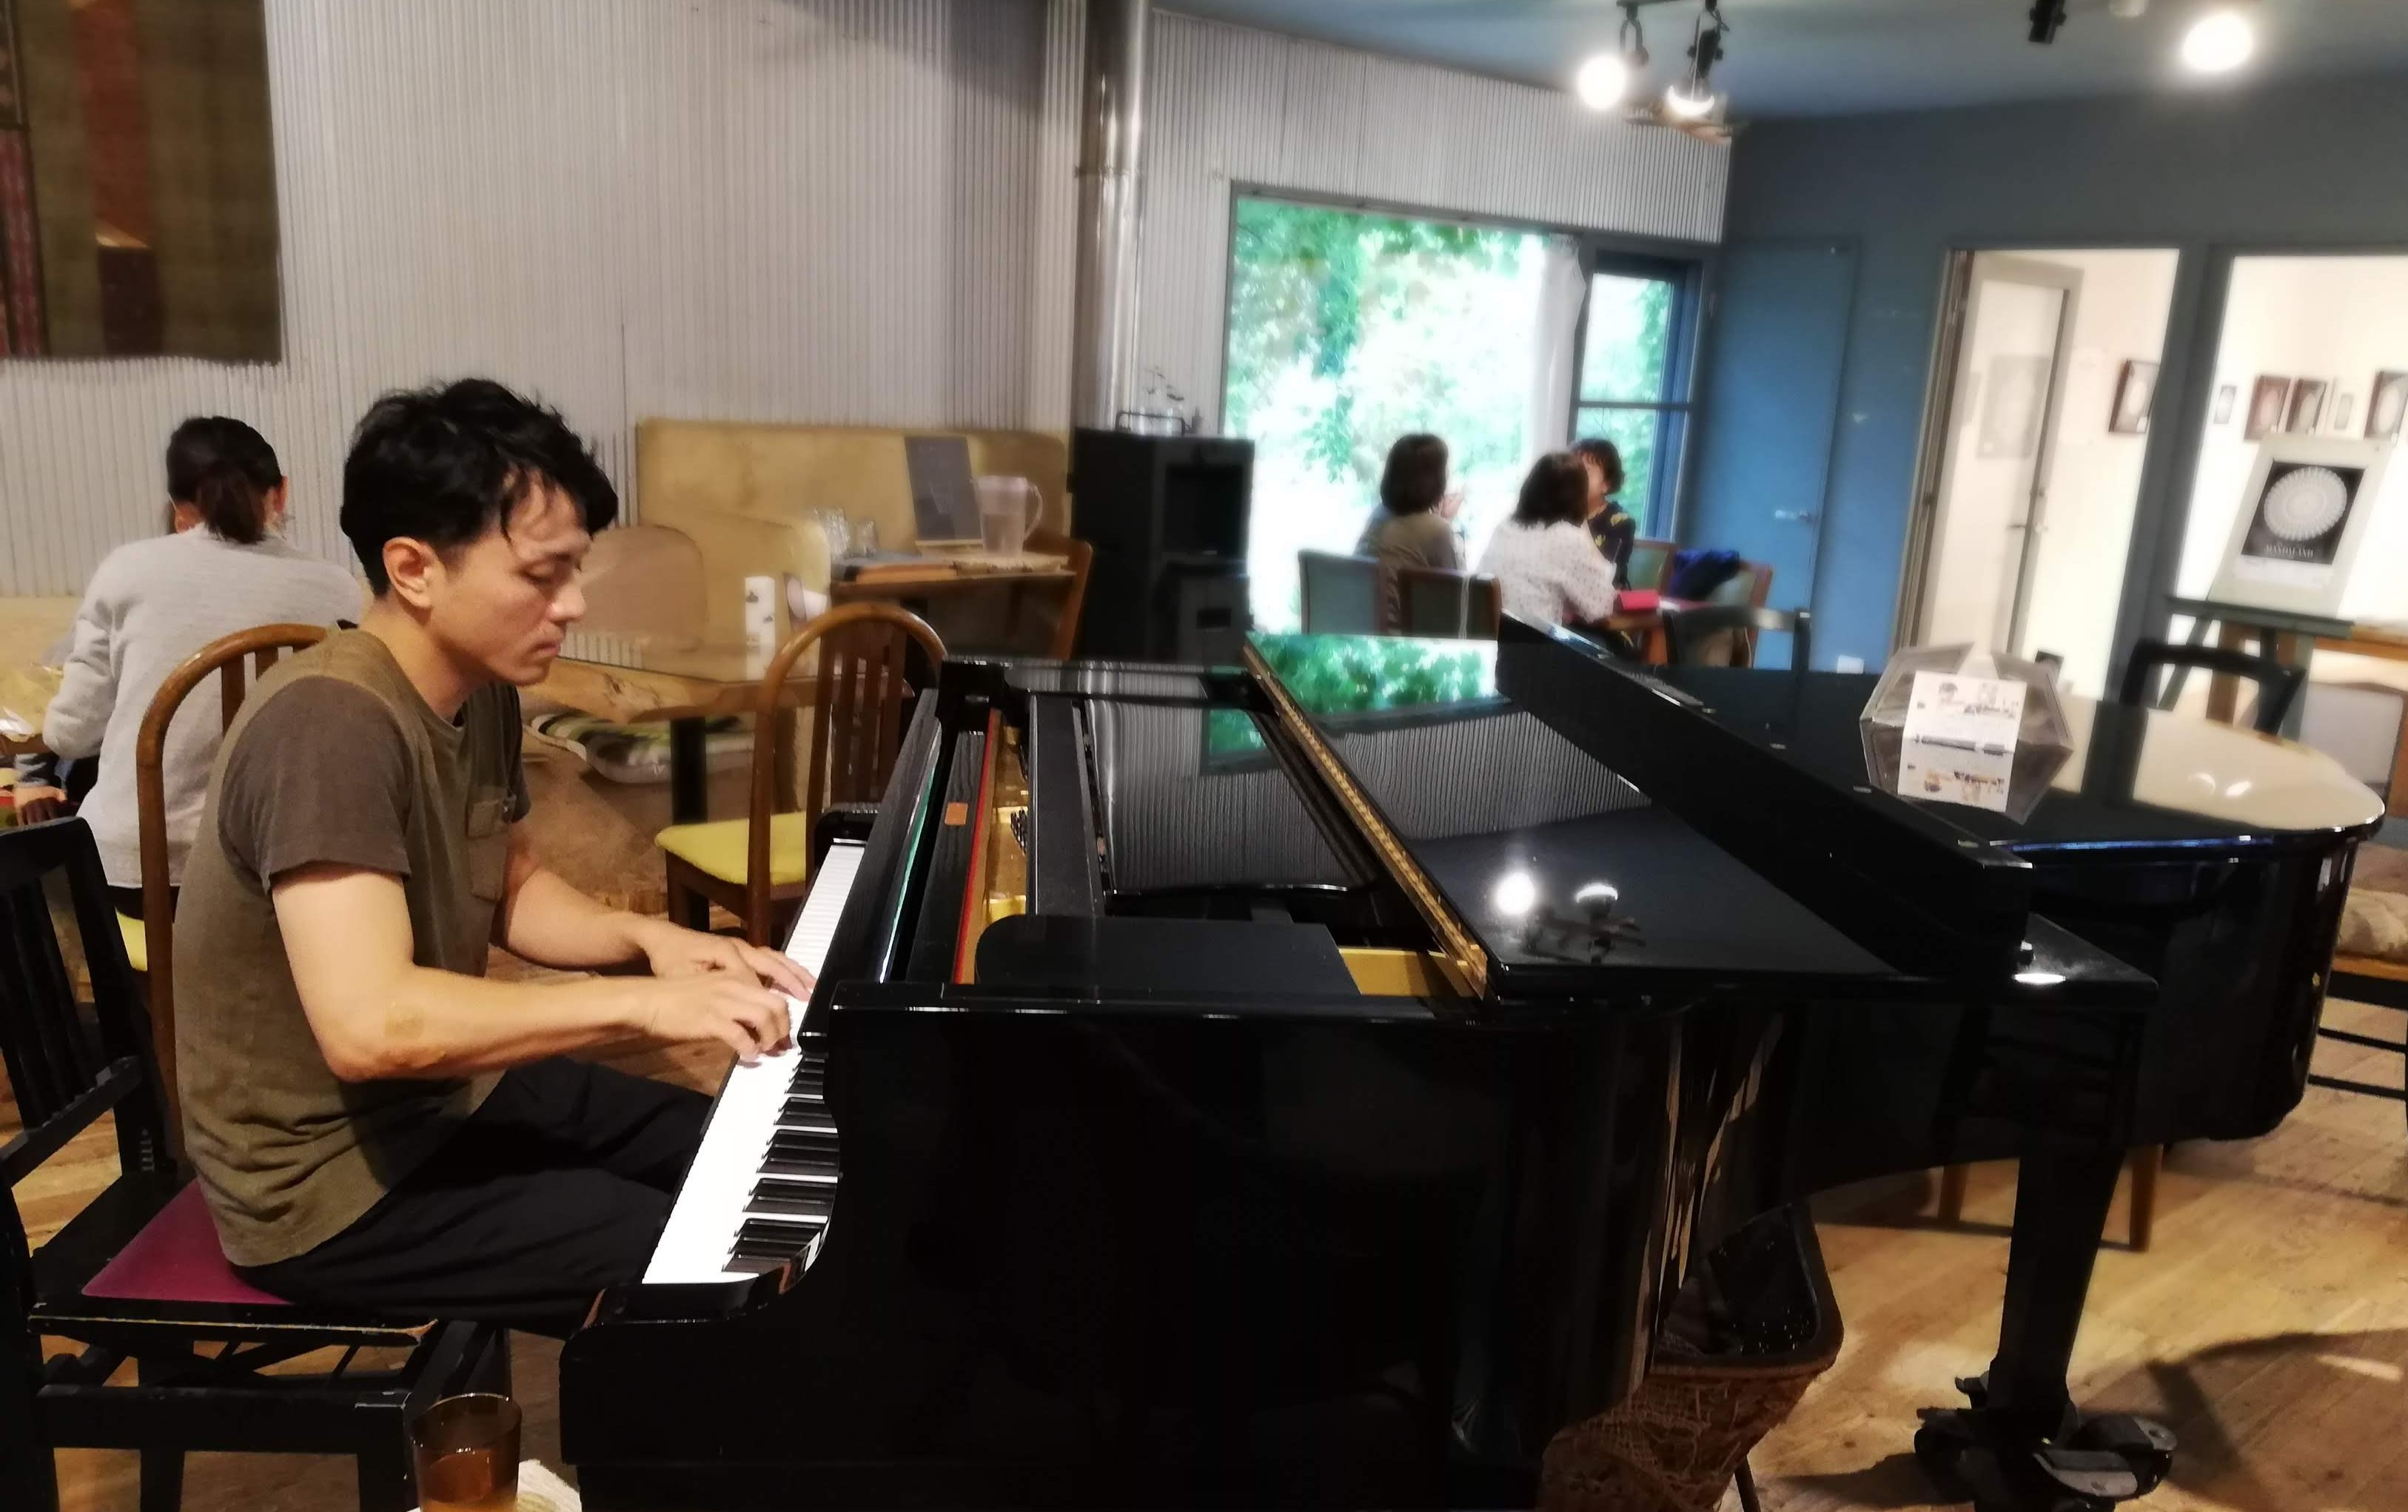 次回1/18土曜『はしむかいゆうき Sunday slow cafe music』毎月1回